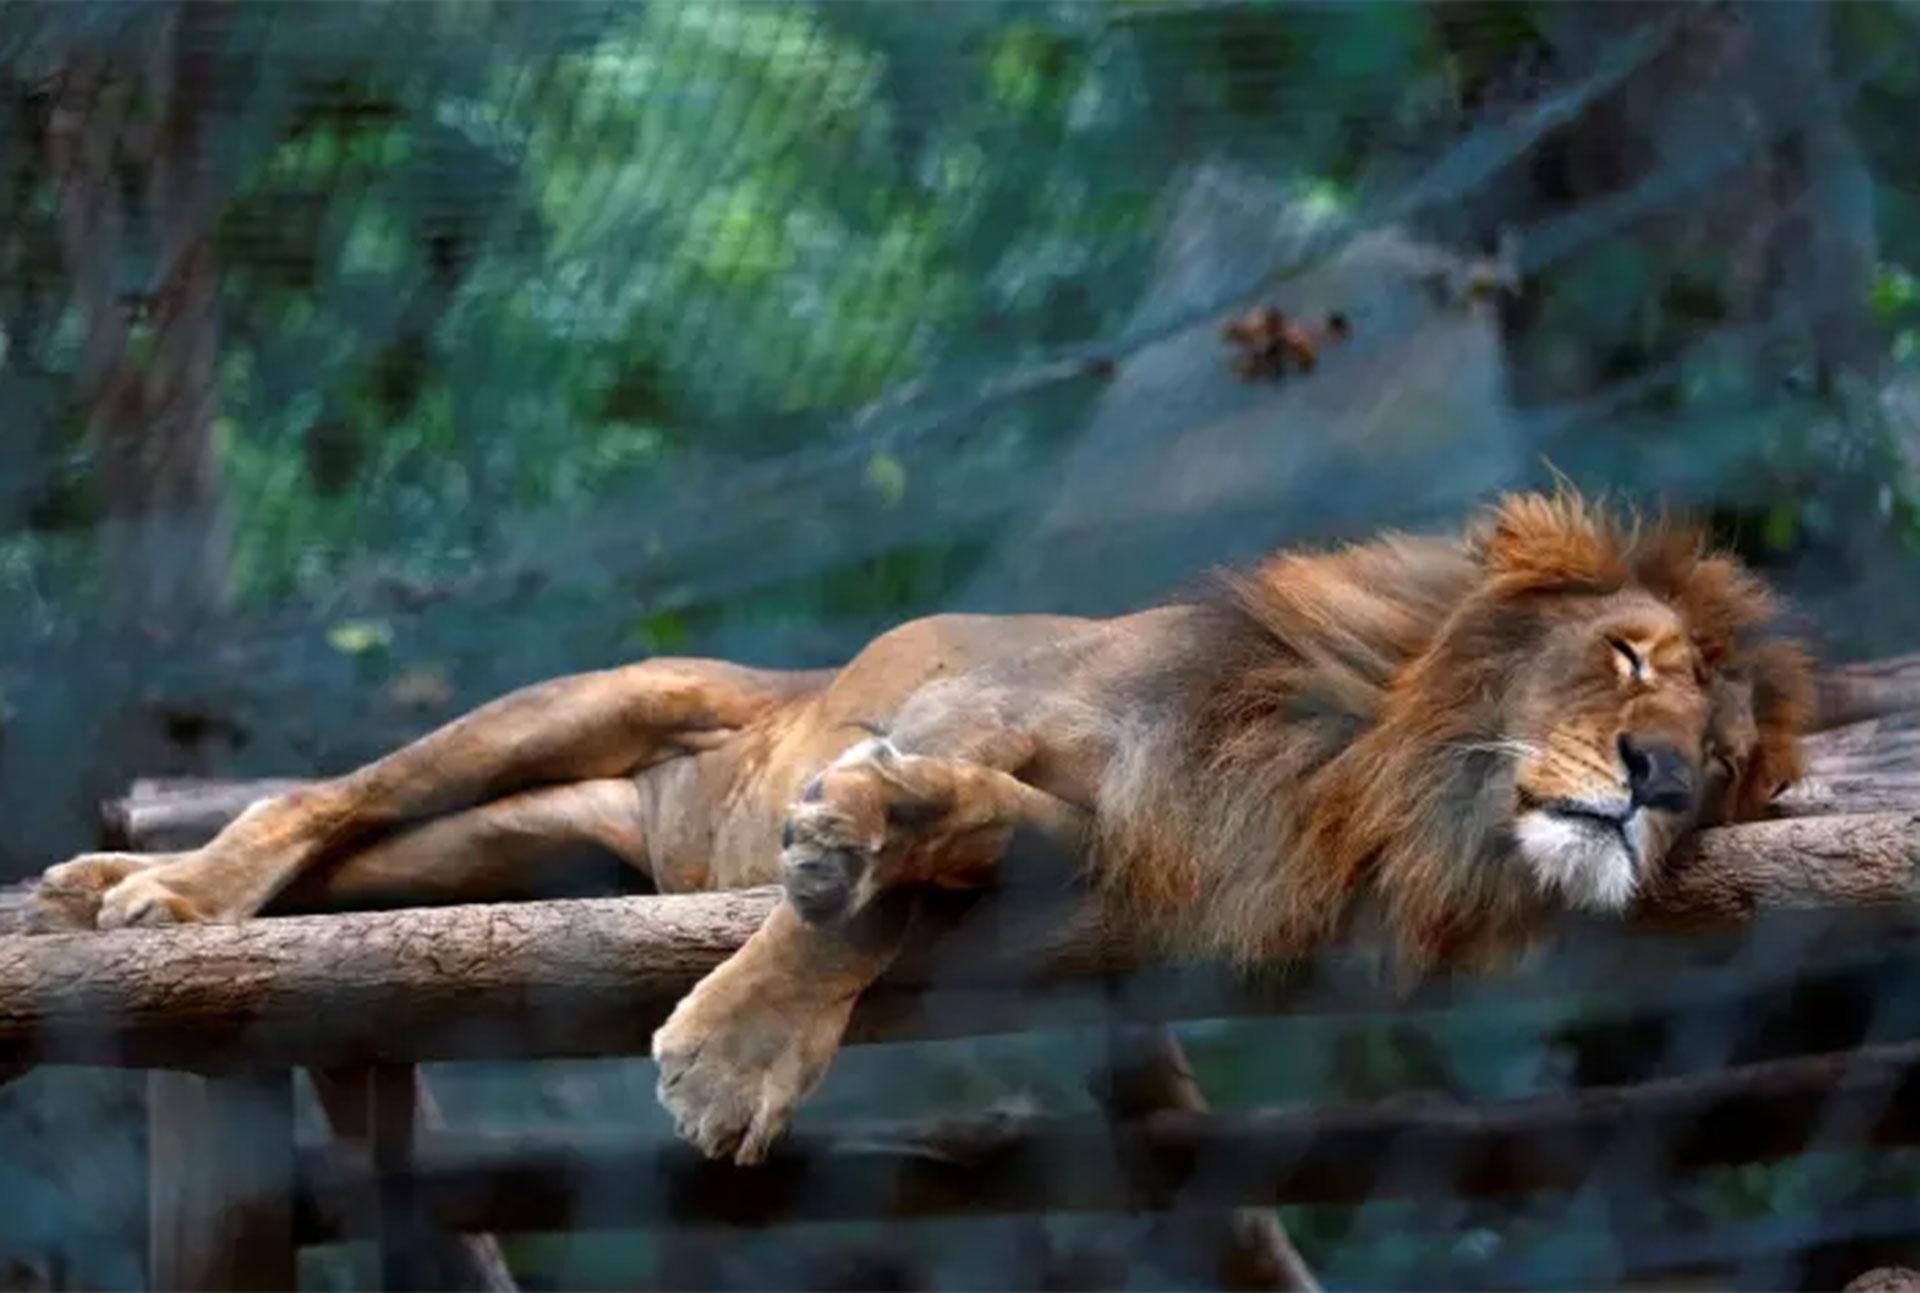 Unos 50 animales del zoológico público de Caricuao han muerto de inanición en los últimos seis meses (Reuters)